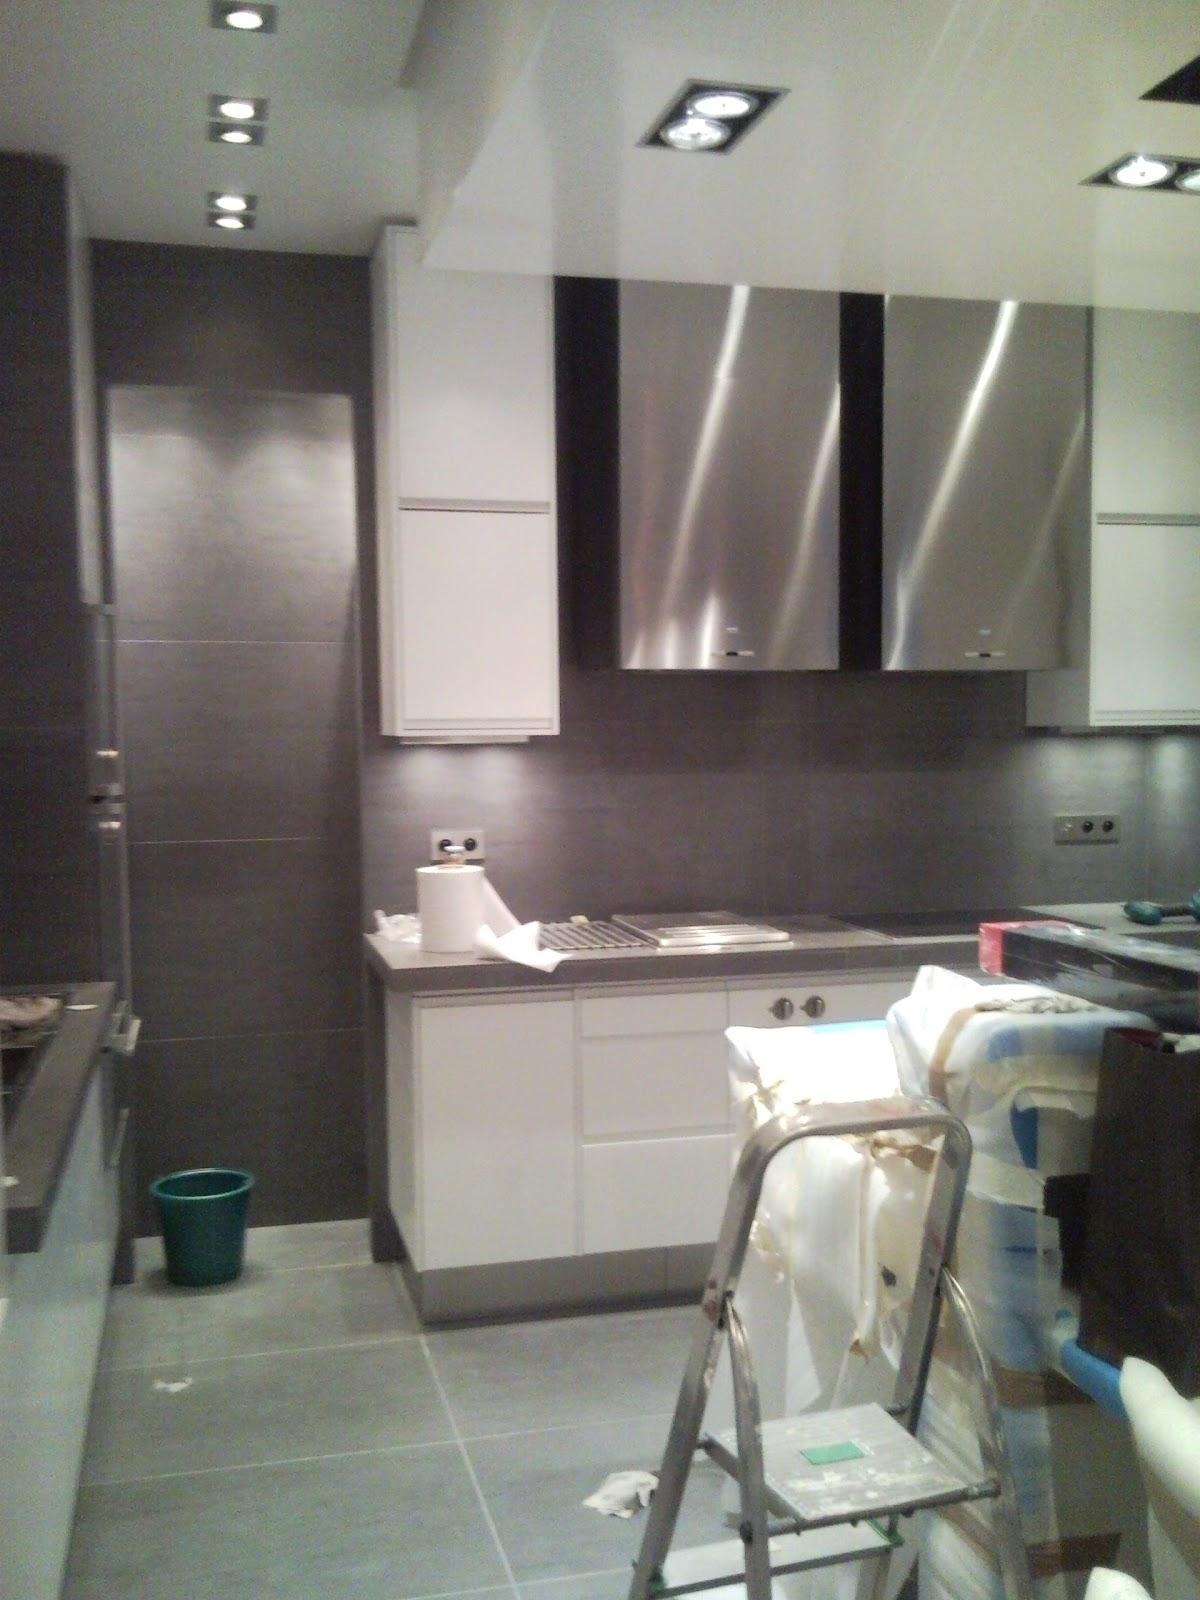 L renov tous cr ation d 39 une cuisine ikea sur mesure - Ikea creation cuisine ...